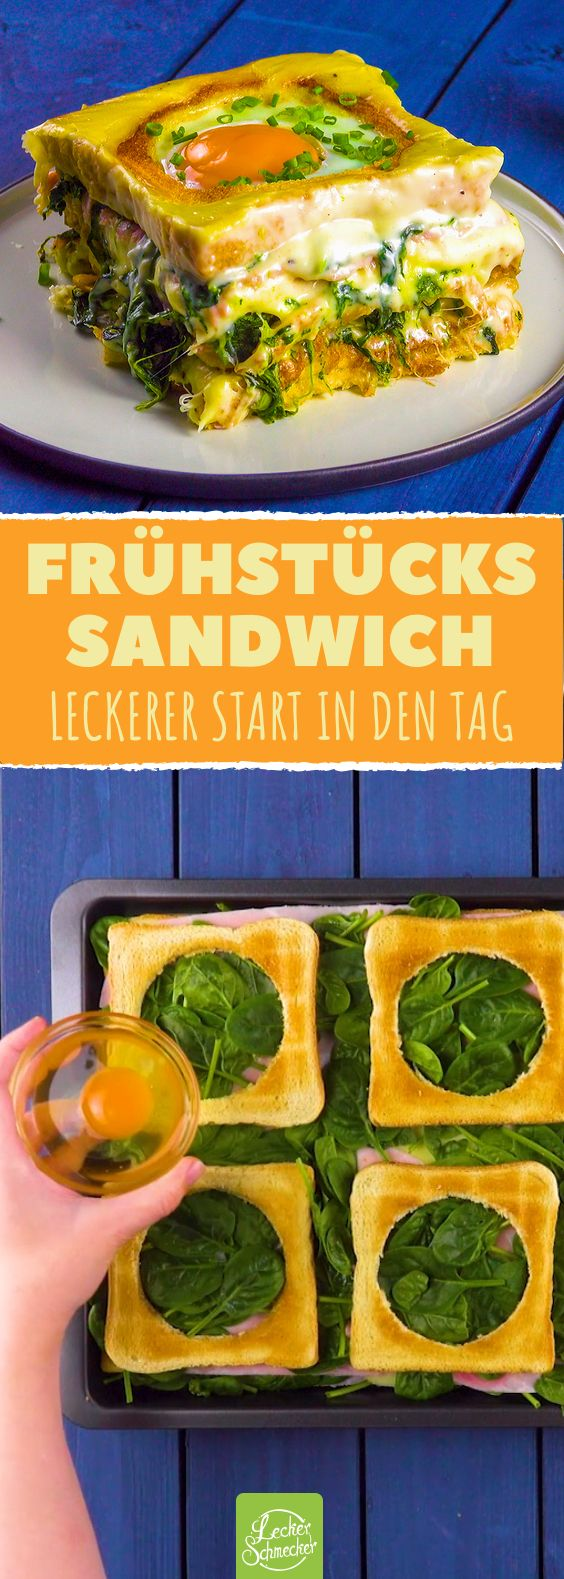 Stich 6 Löcher in Toast für dieses Sandwich. Wir versprechen: Es lohnt! #frühstückundbrunch